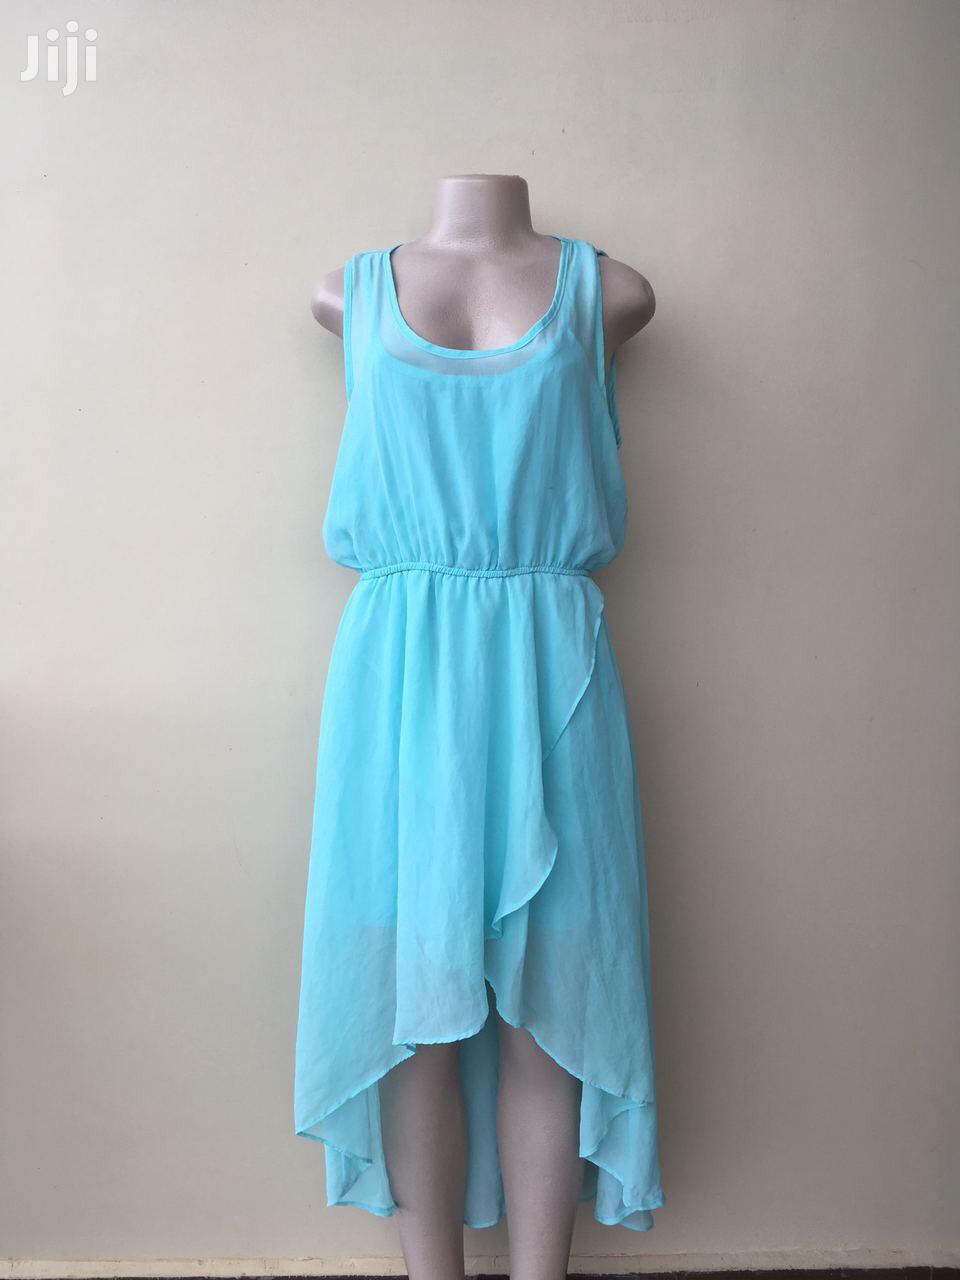 Aqua Blue High Low Dress